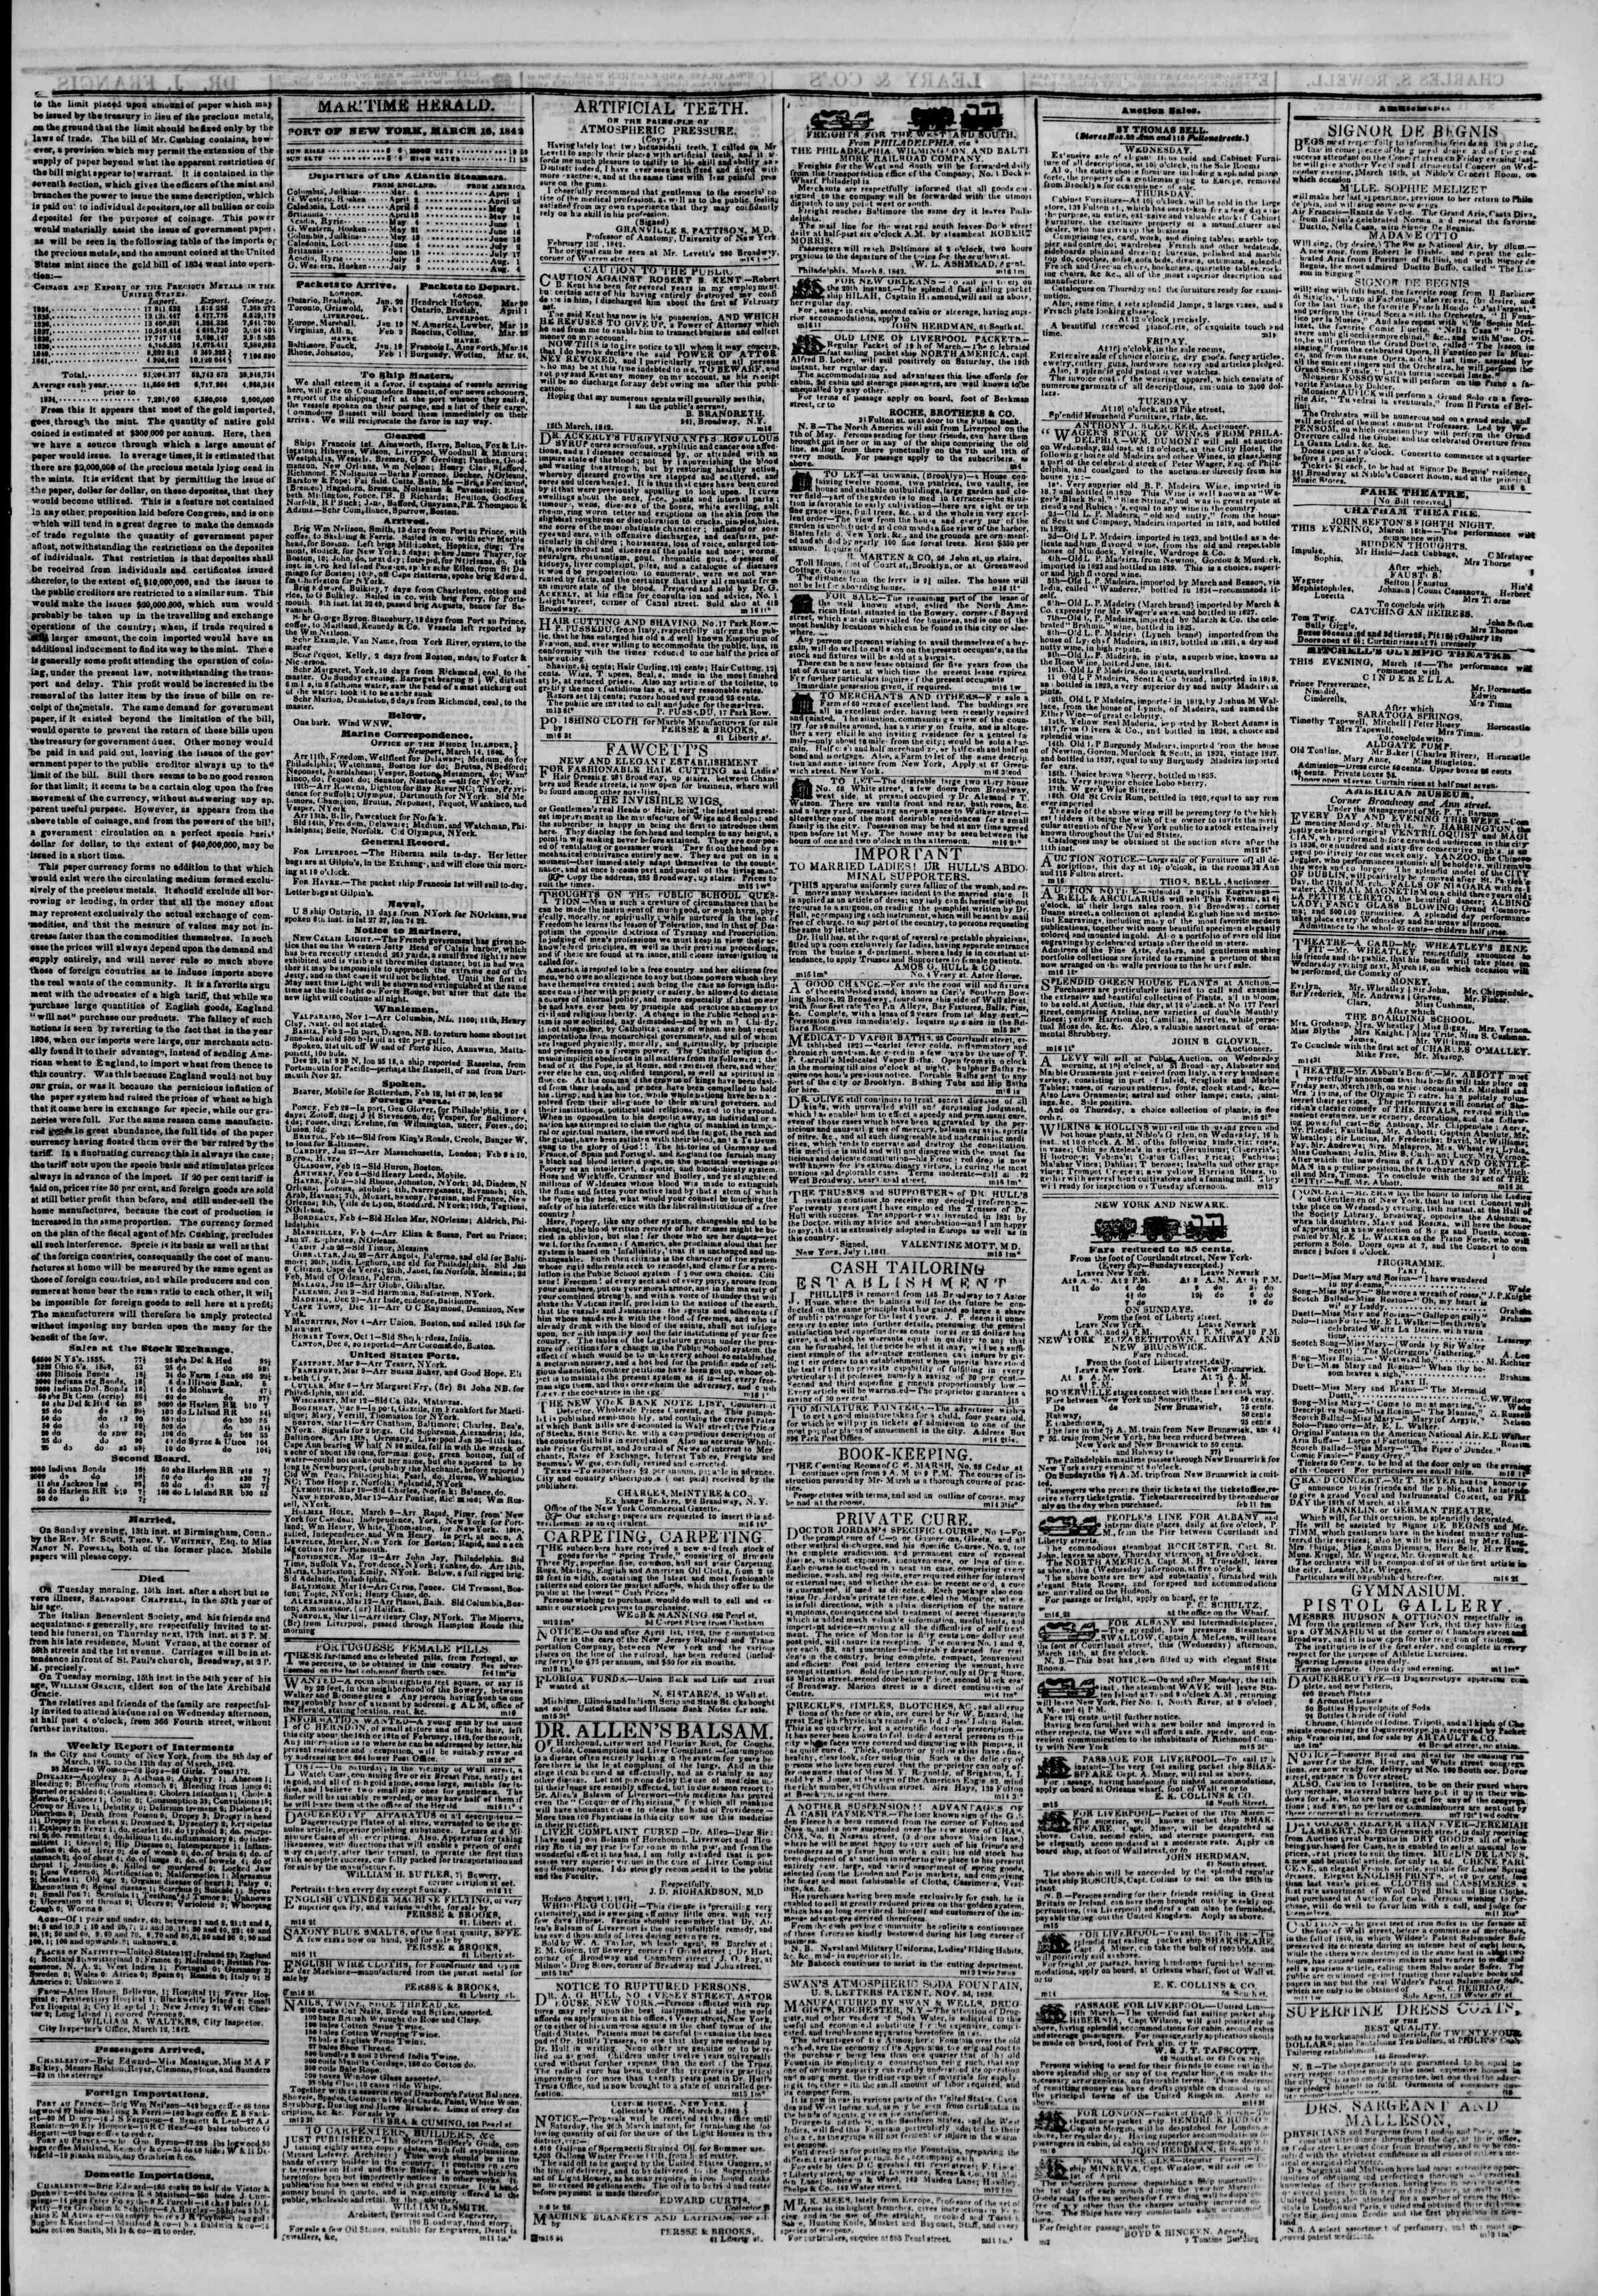 March 16, 1842 Tarihli The New York Herald Gazetesi Sayfa 3